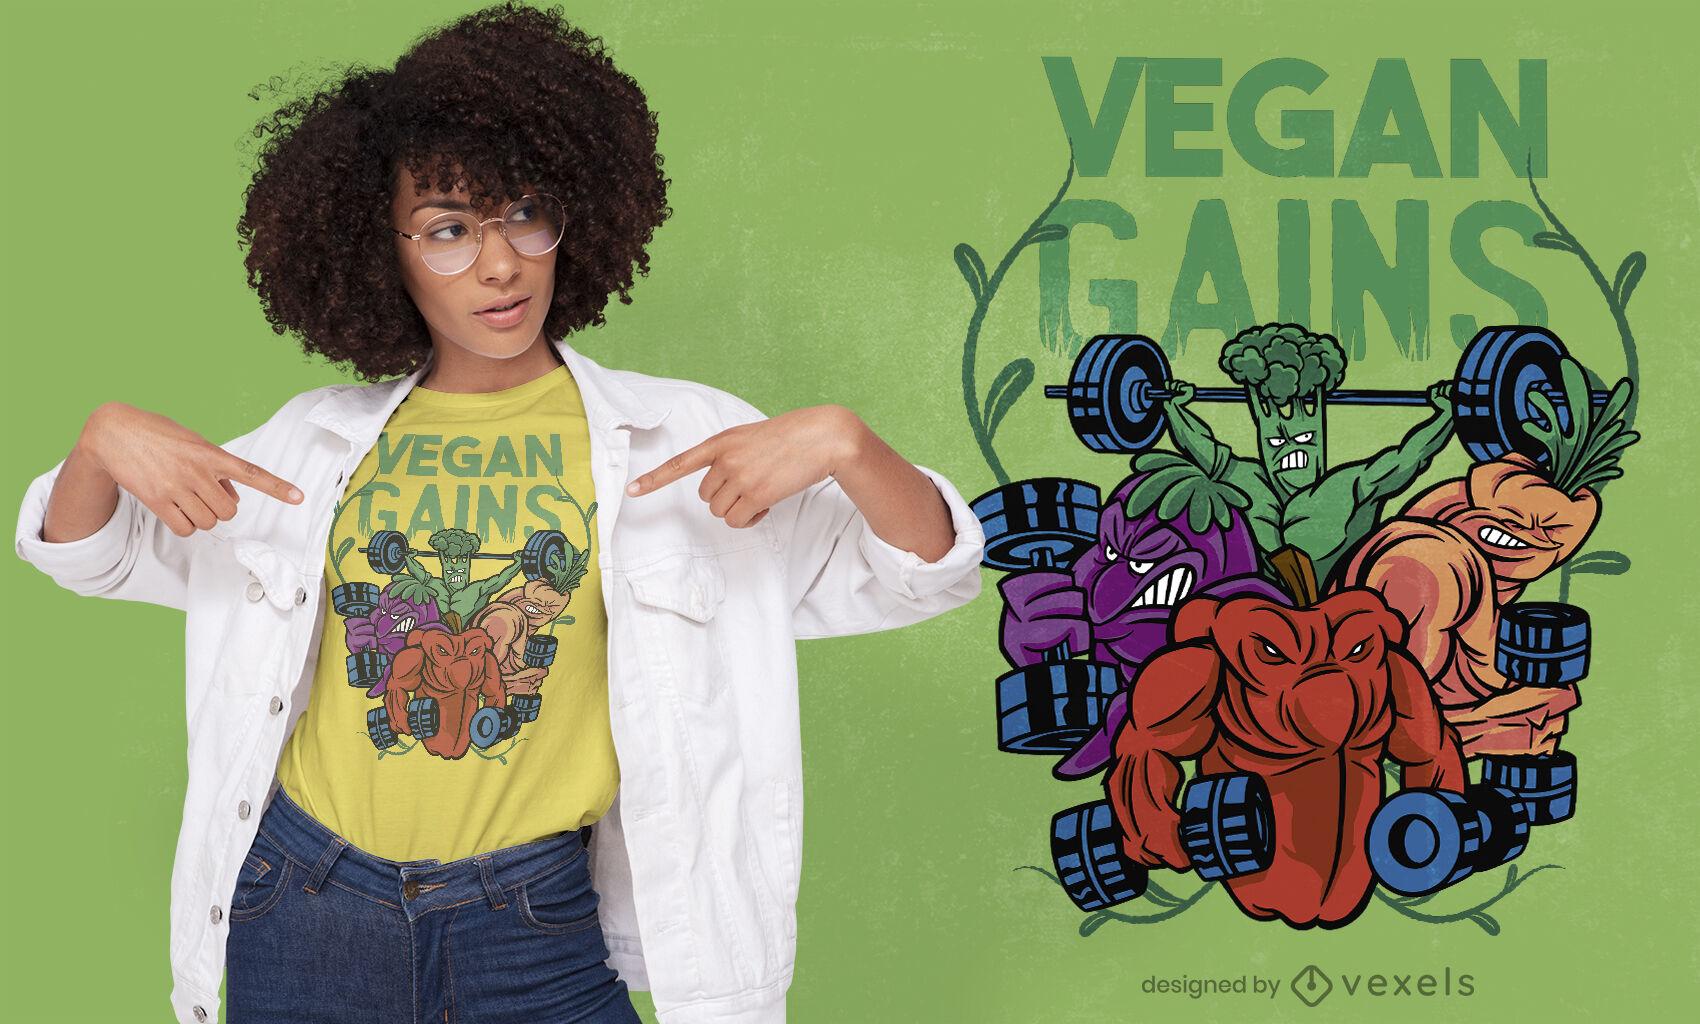 Diseño de camiseta vegana de culturistas vegetales.